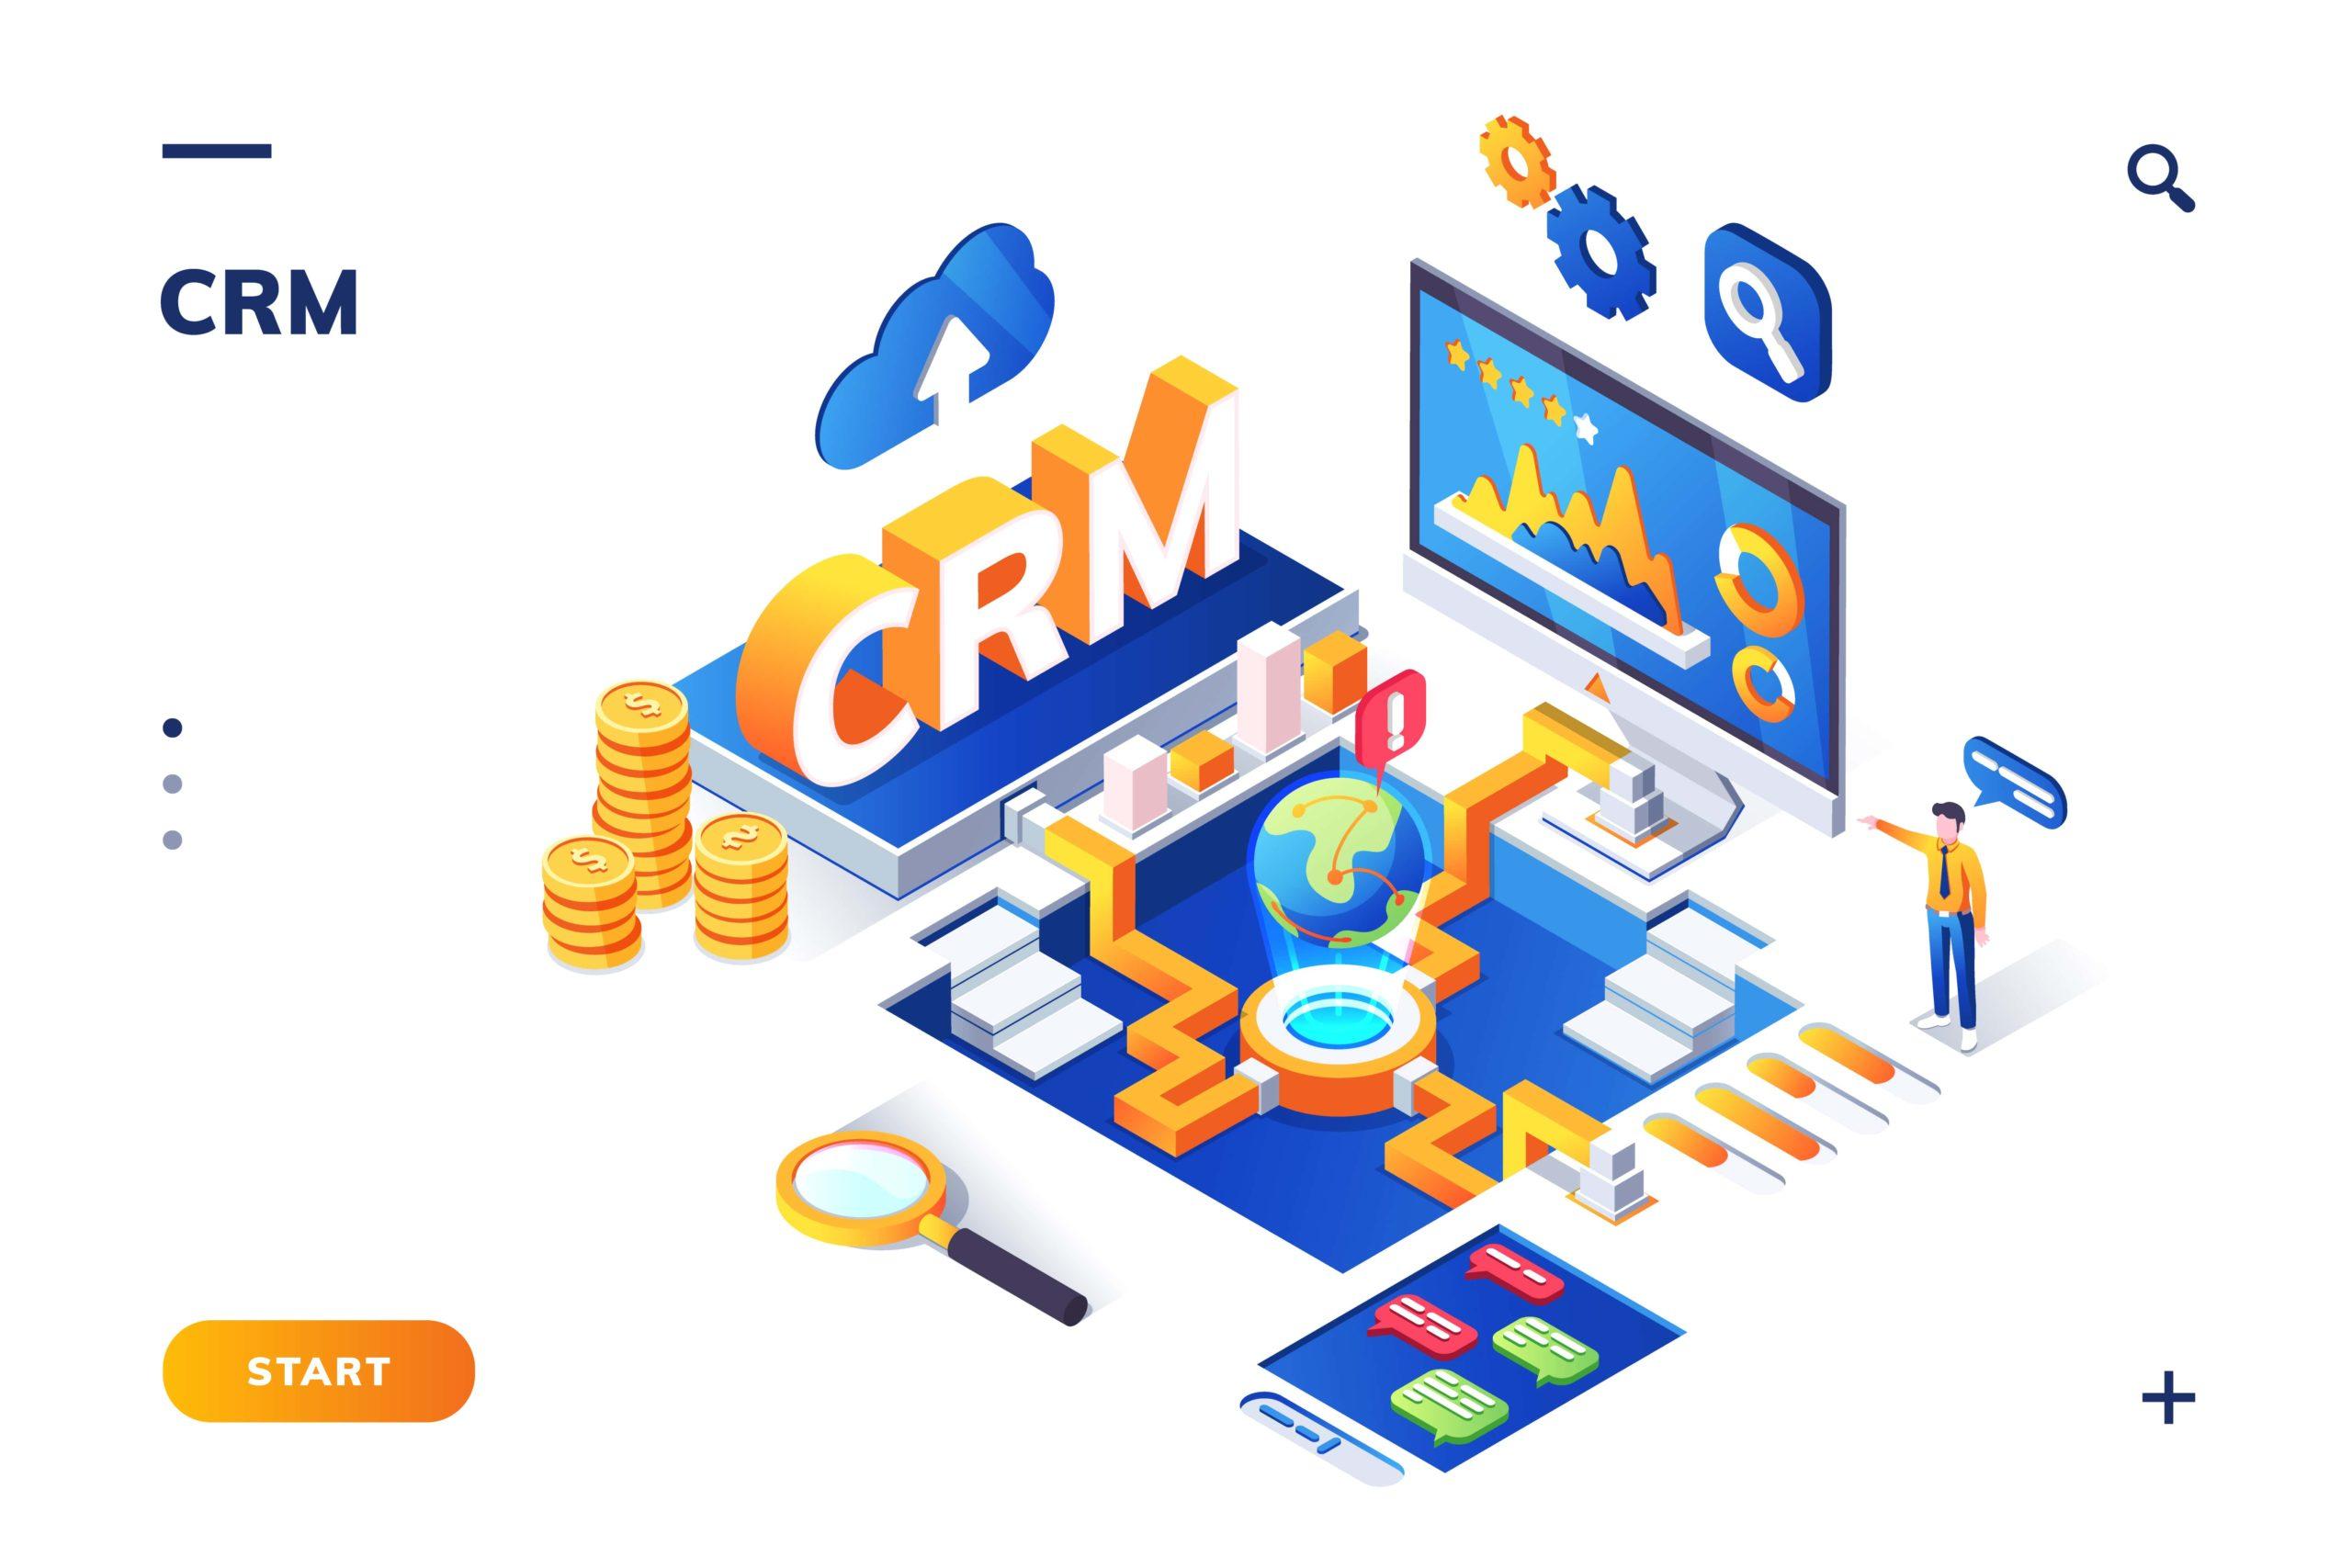 Porqué es fundamental contar con un CRM en la empresa